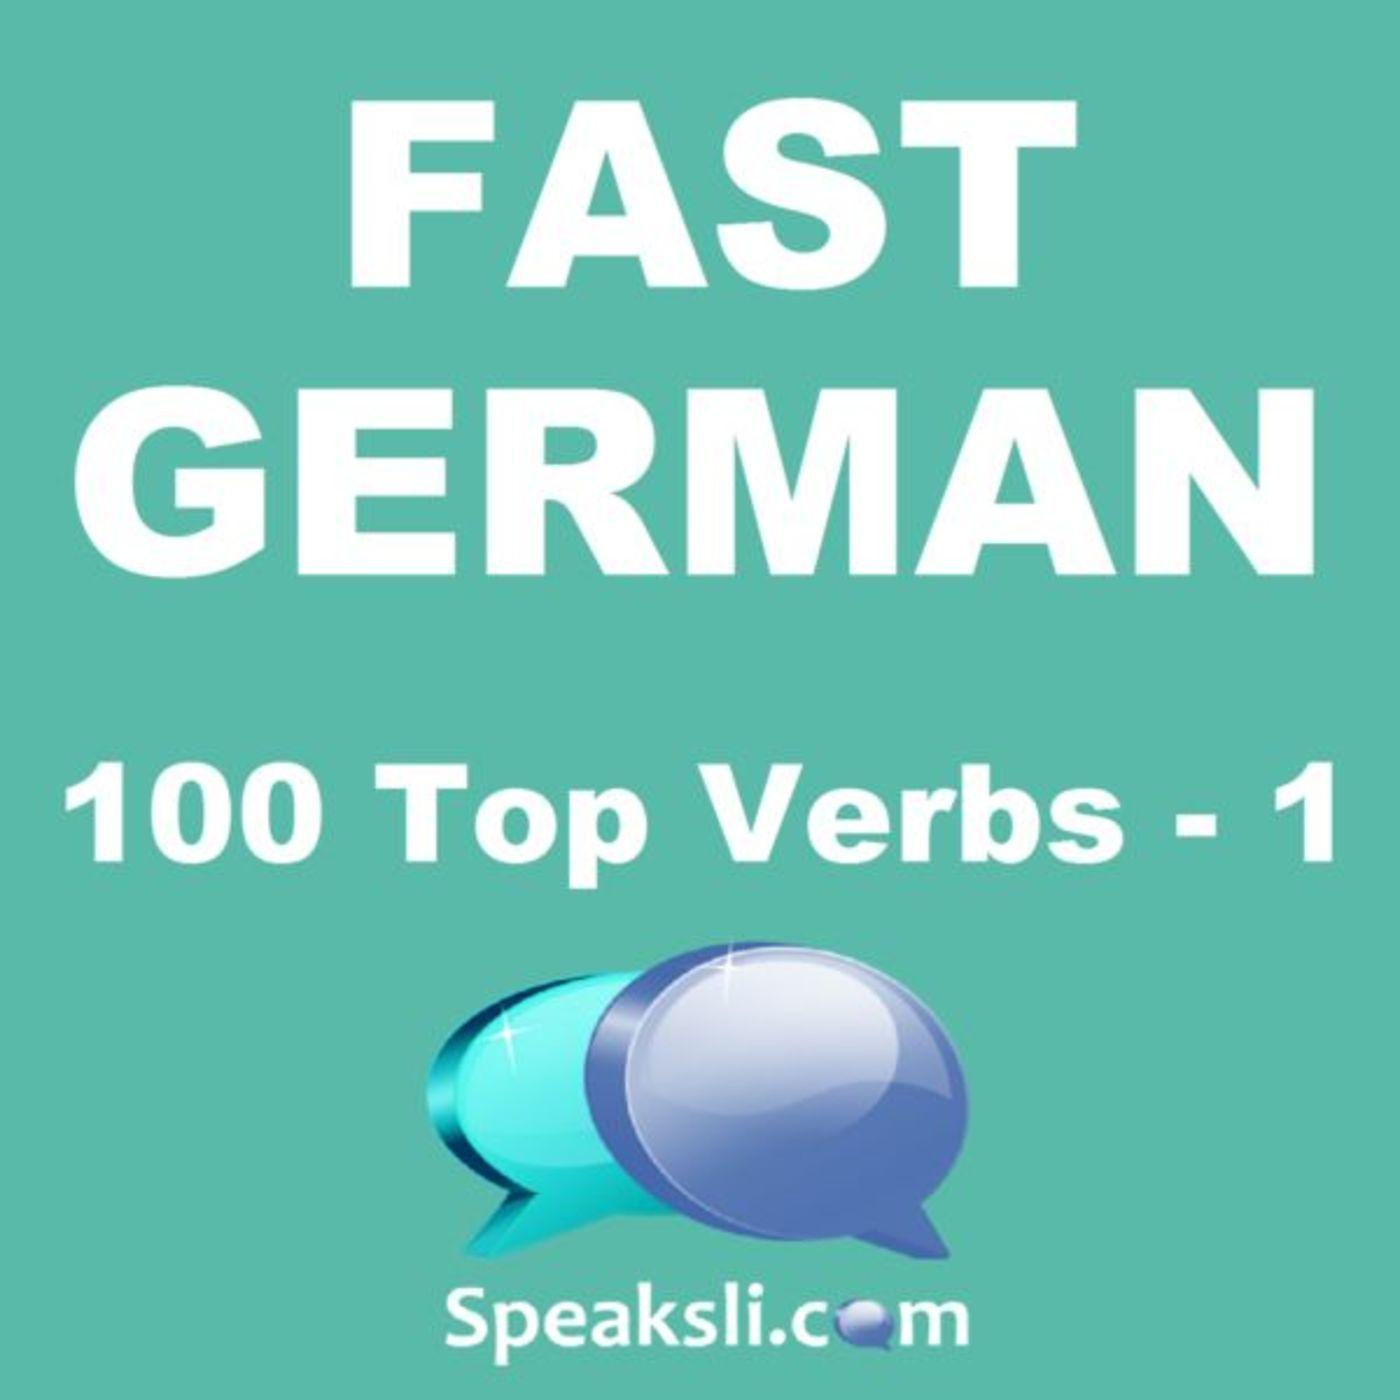 Ep. 31: 100 Top Verbs - Part 1 | Fast German | Speaksli